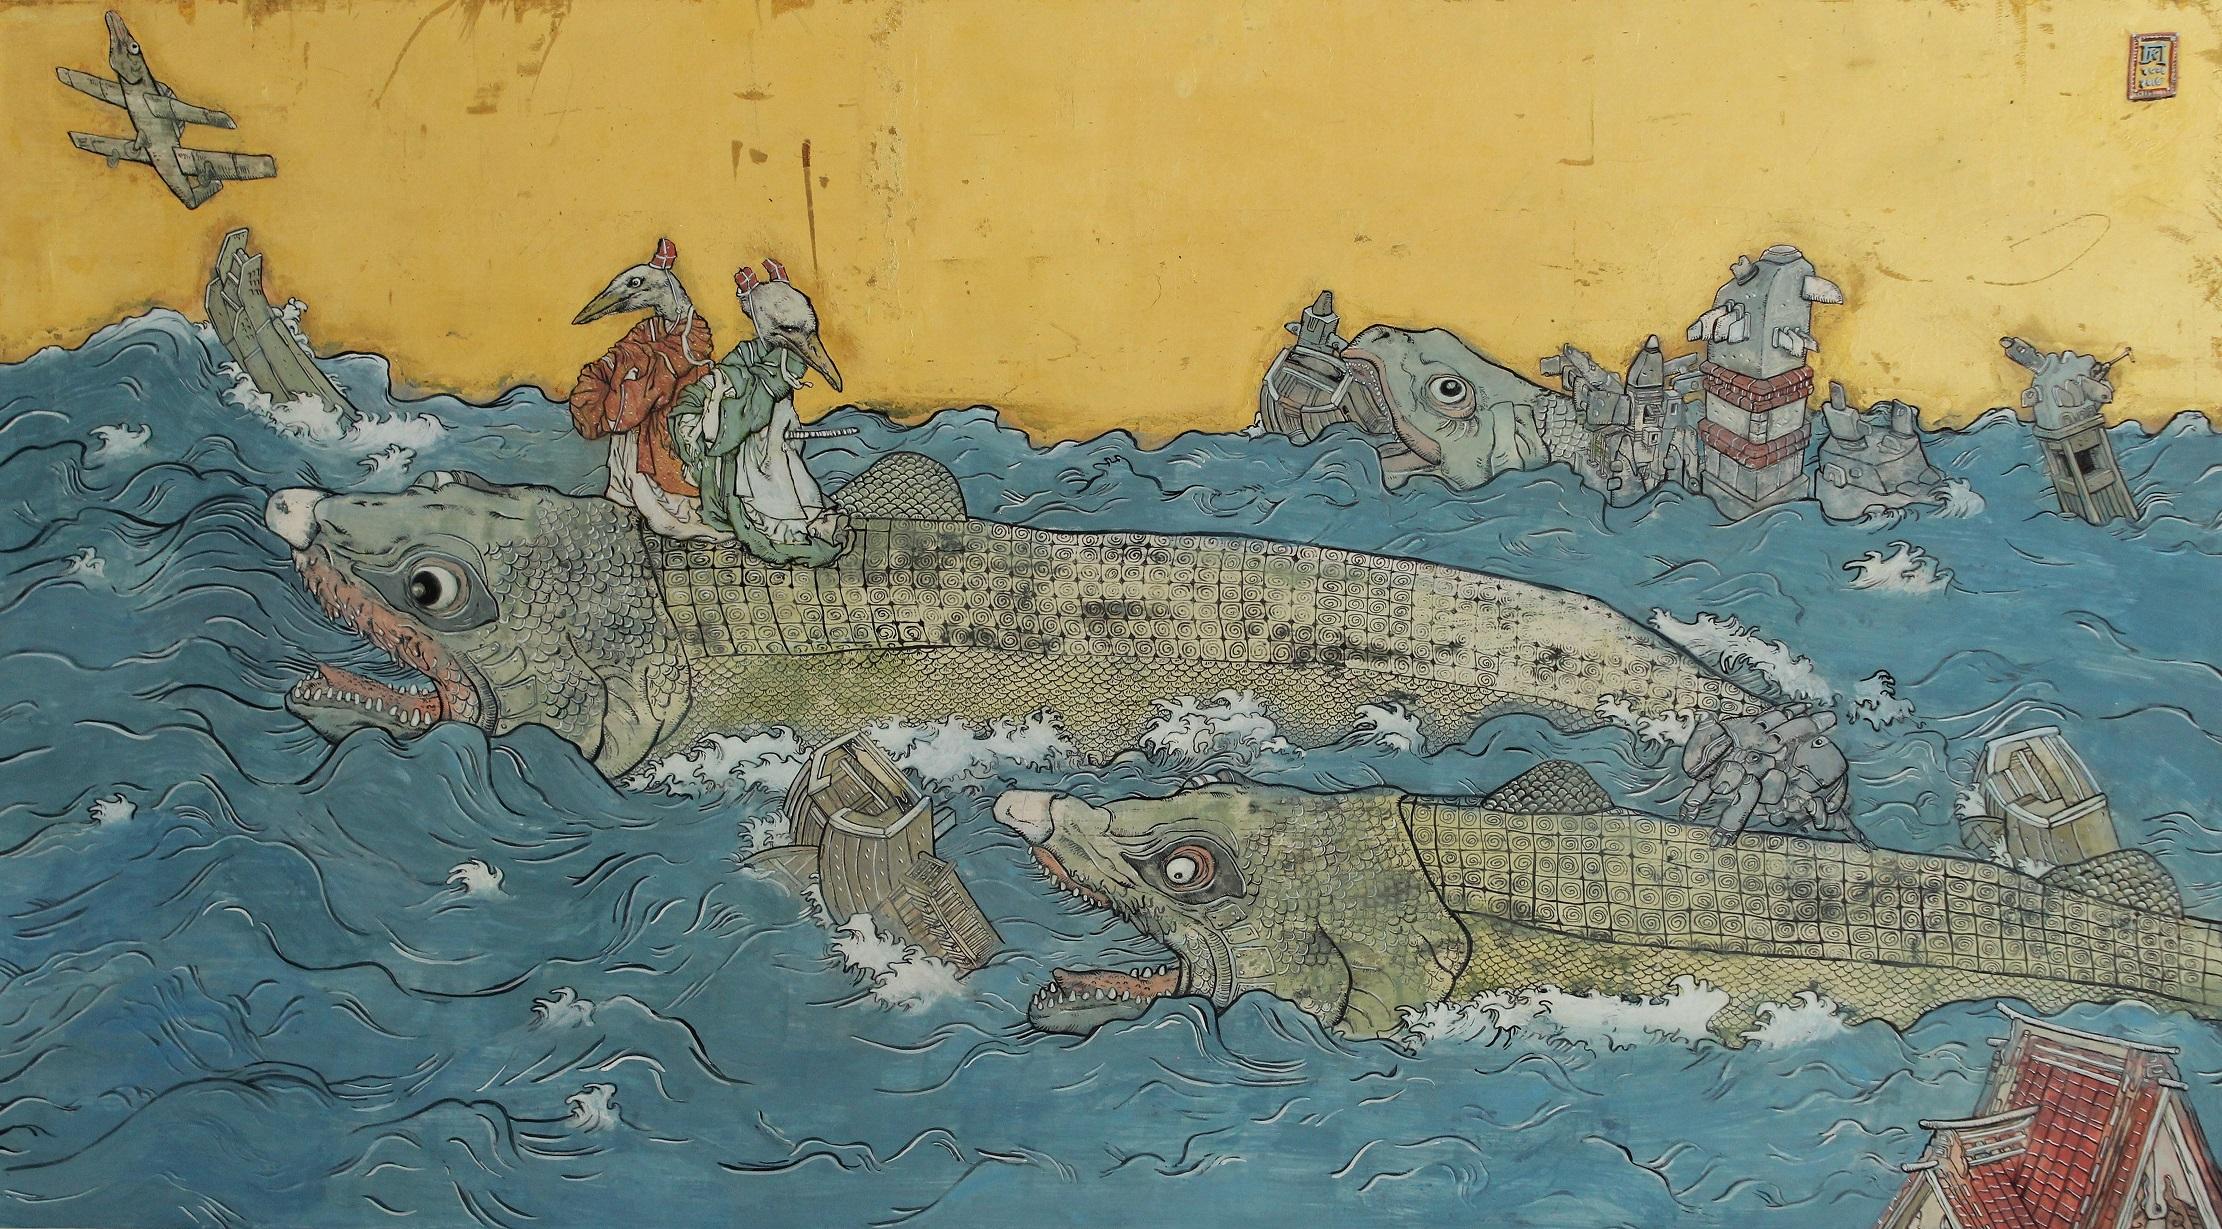 ΚΩΝΣΤΑΝΤΙΝΟΣ ΠΑΠΑΜΙΧΑΛΟΠΟΥΛΟΣ 1, Ψάρια στη θάλασσα, 2006-2016, μελάνι, αυγοτέμπερα και φύλλα χρυσού σε ξύλο